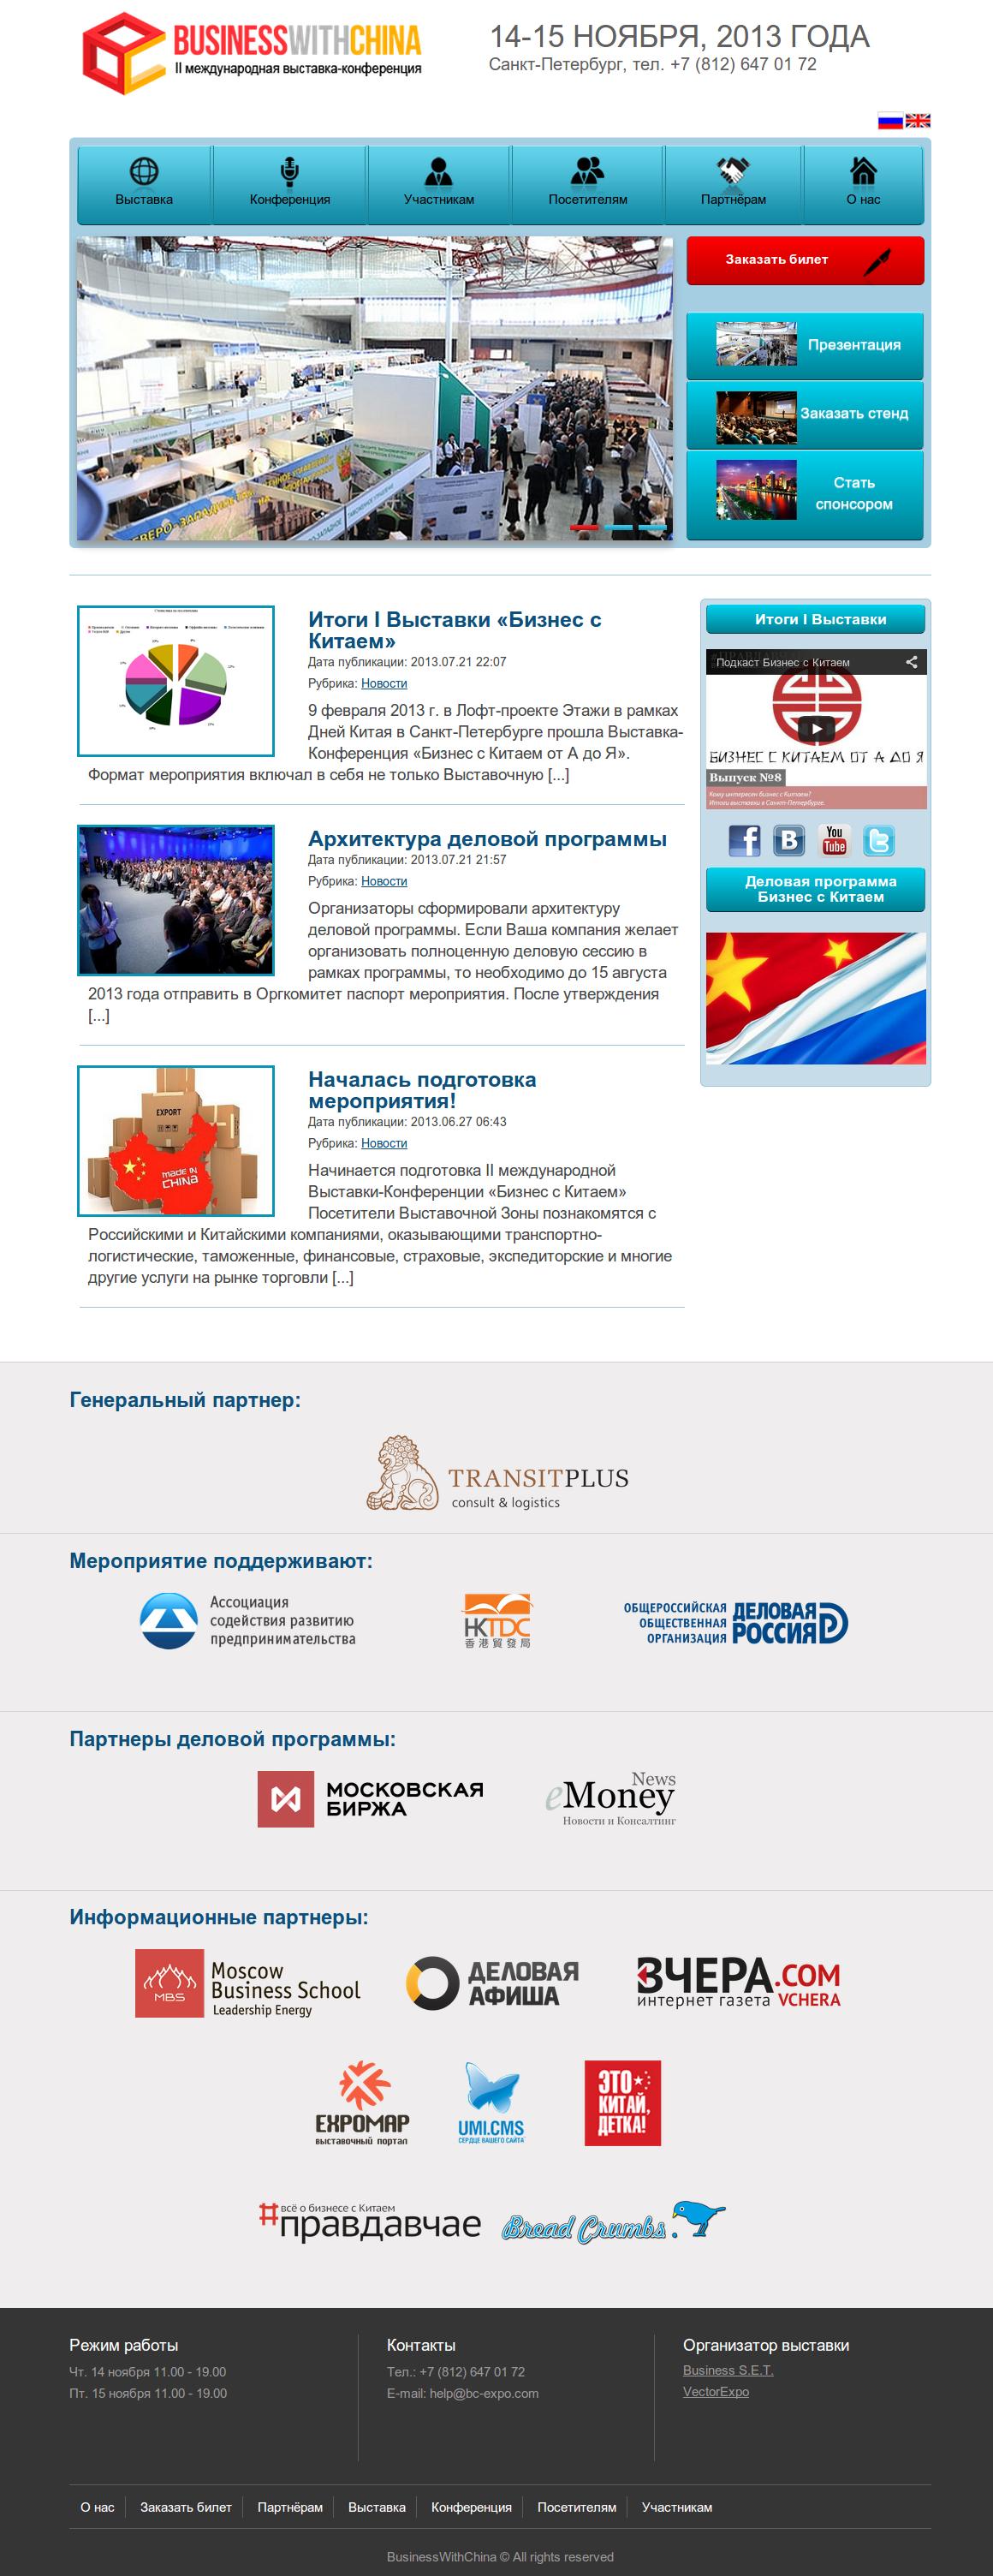 """Сайт международной выставки-конференции """"Business with China"""""""